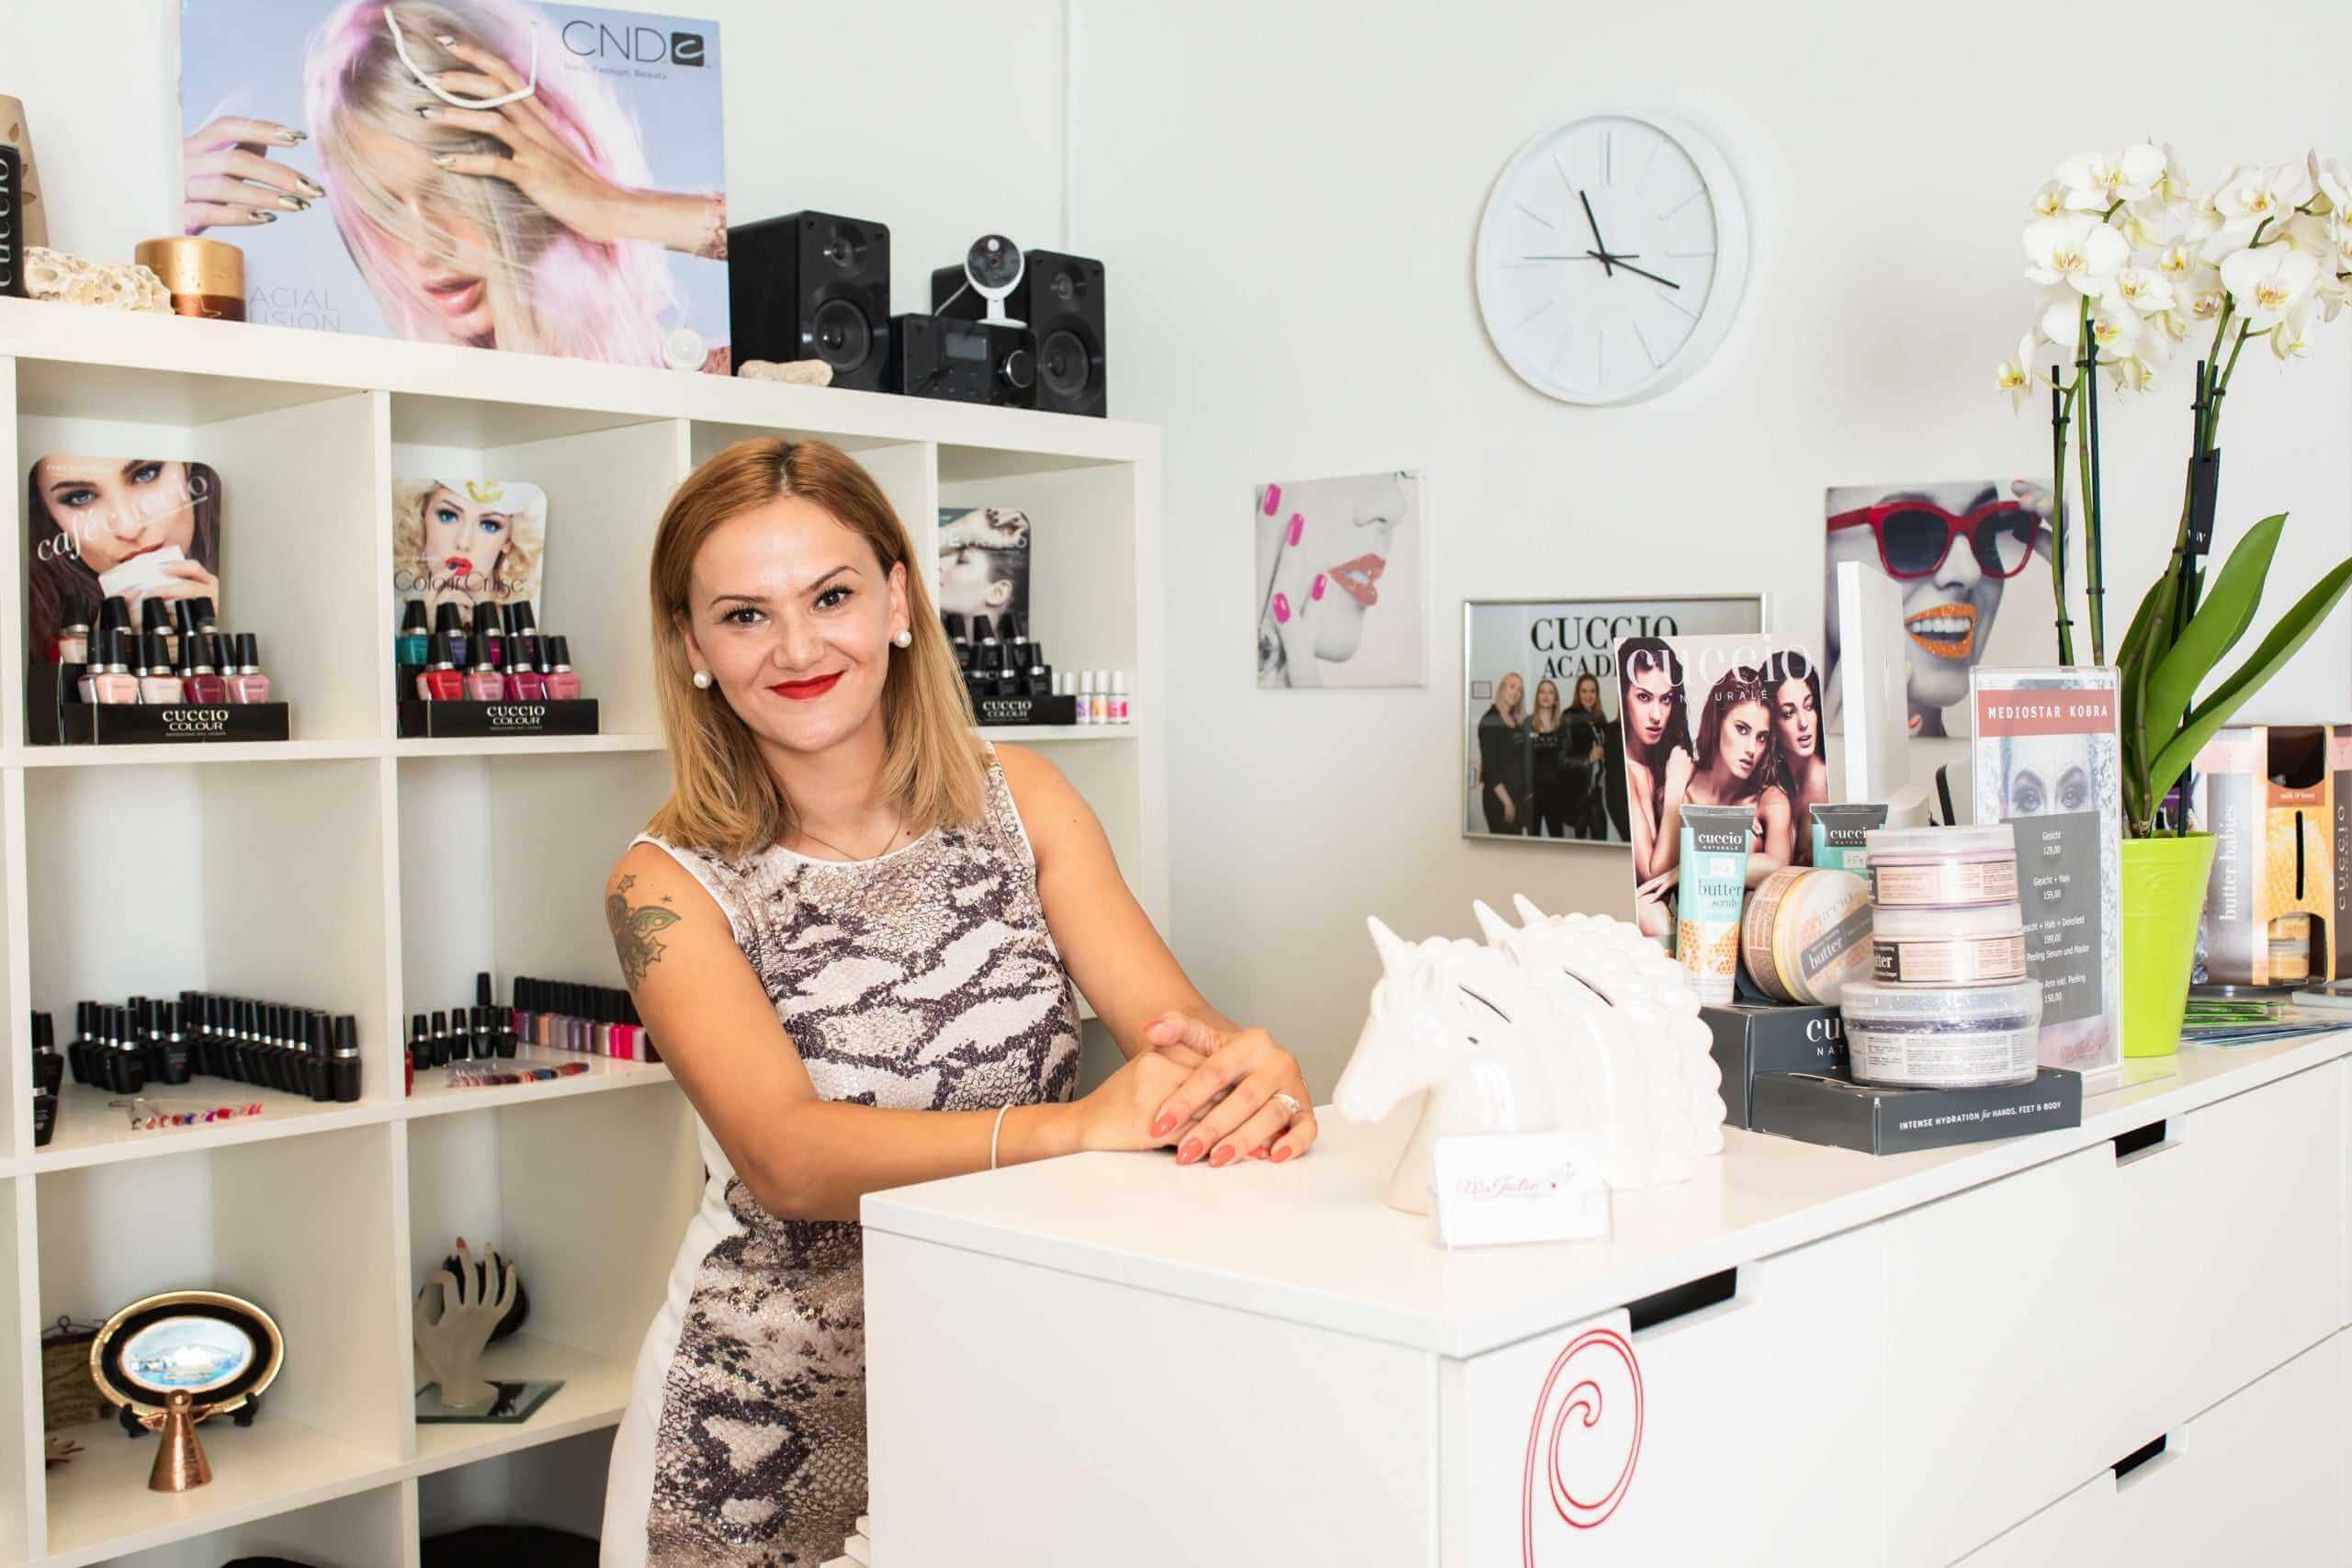 Ma Jolie|Beauty Studio